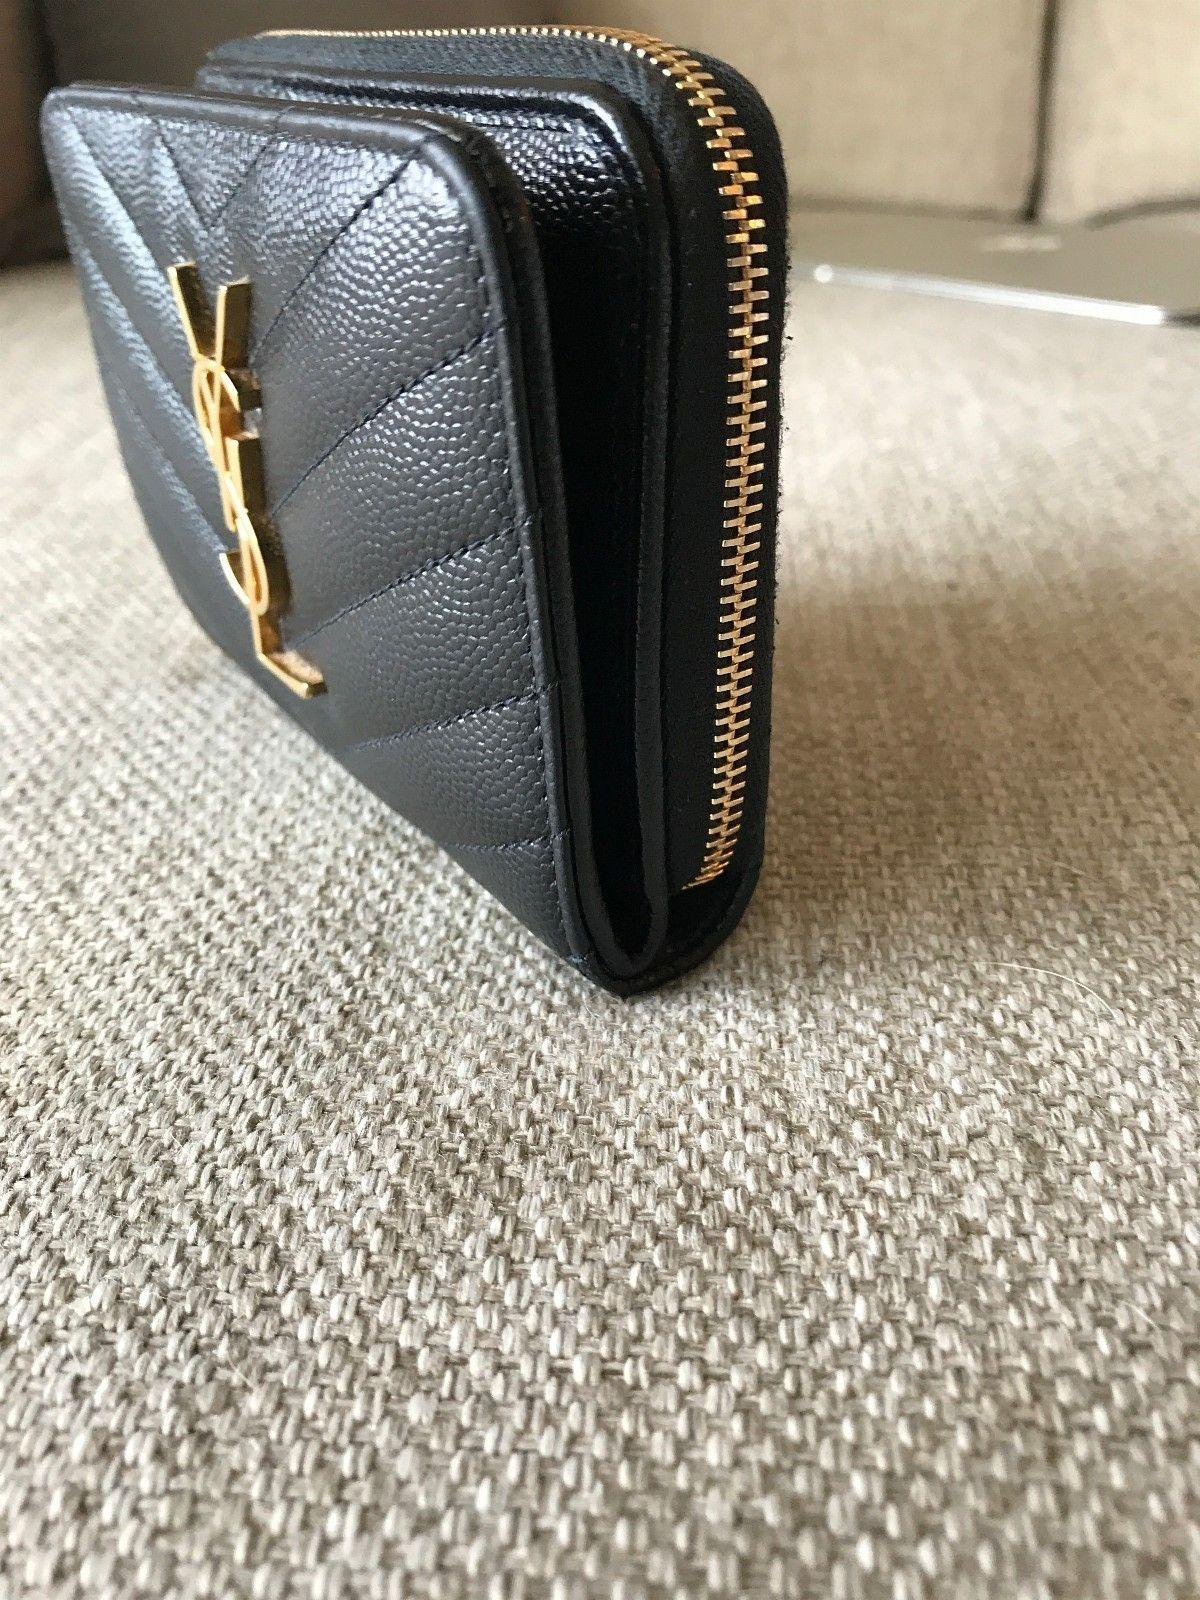 YSL lommebok - Sandvika  - Kjempefin lommebok fra YSL, kjøpt for 1 år siden i London. - Sandvika